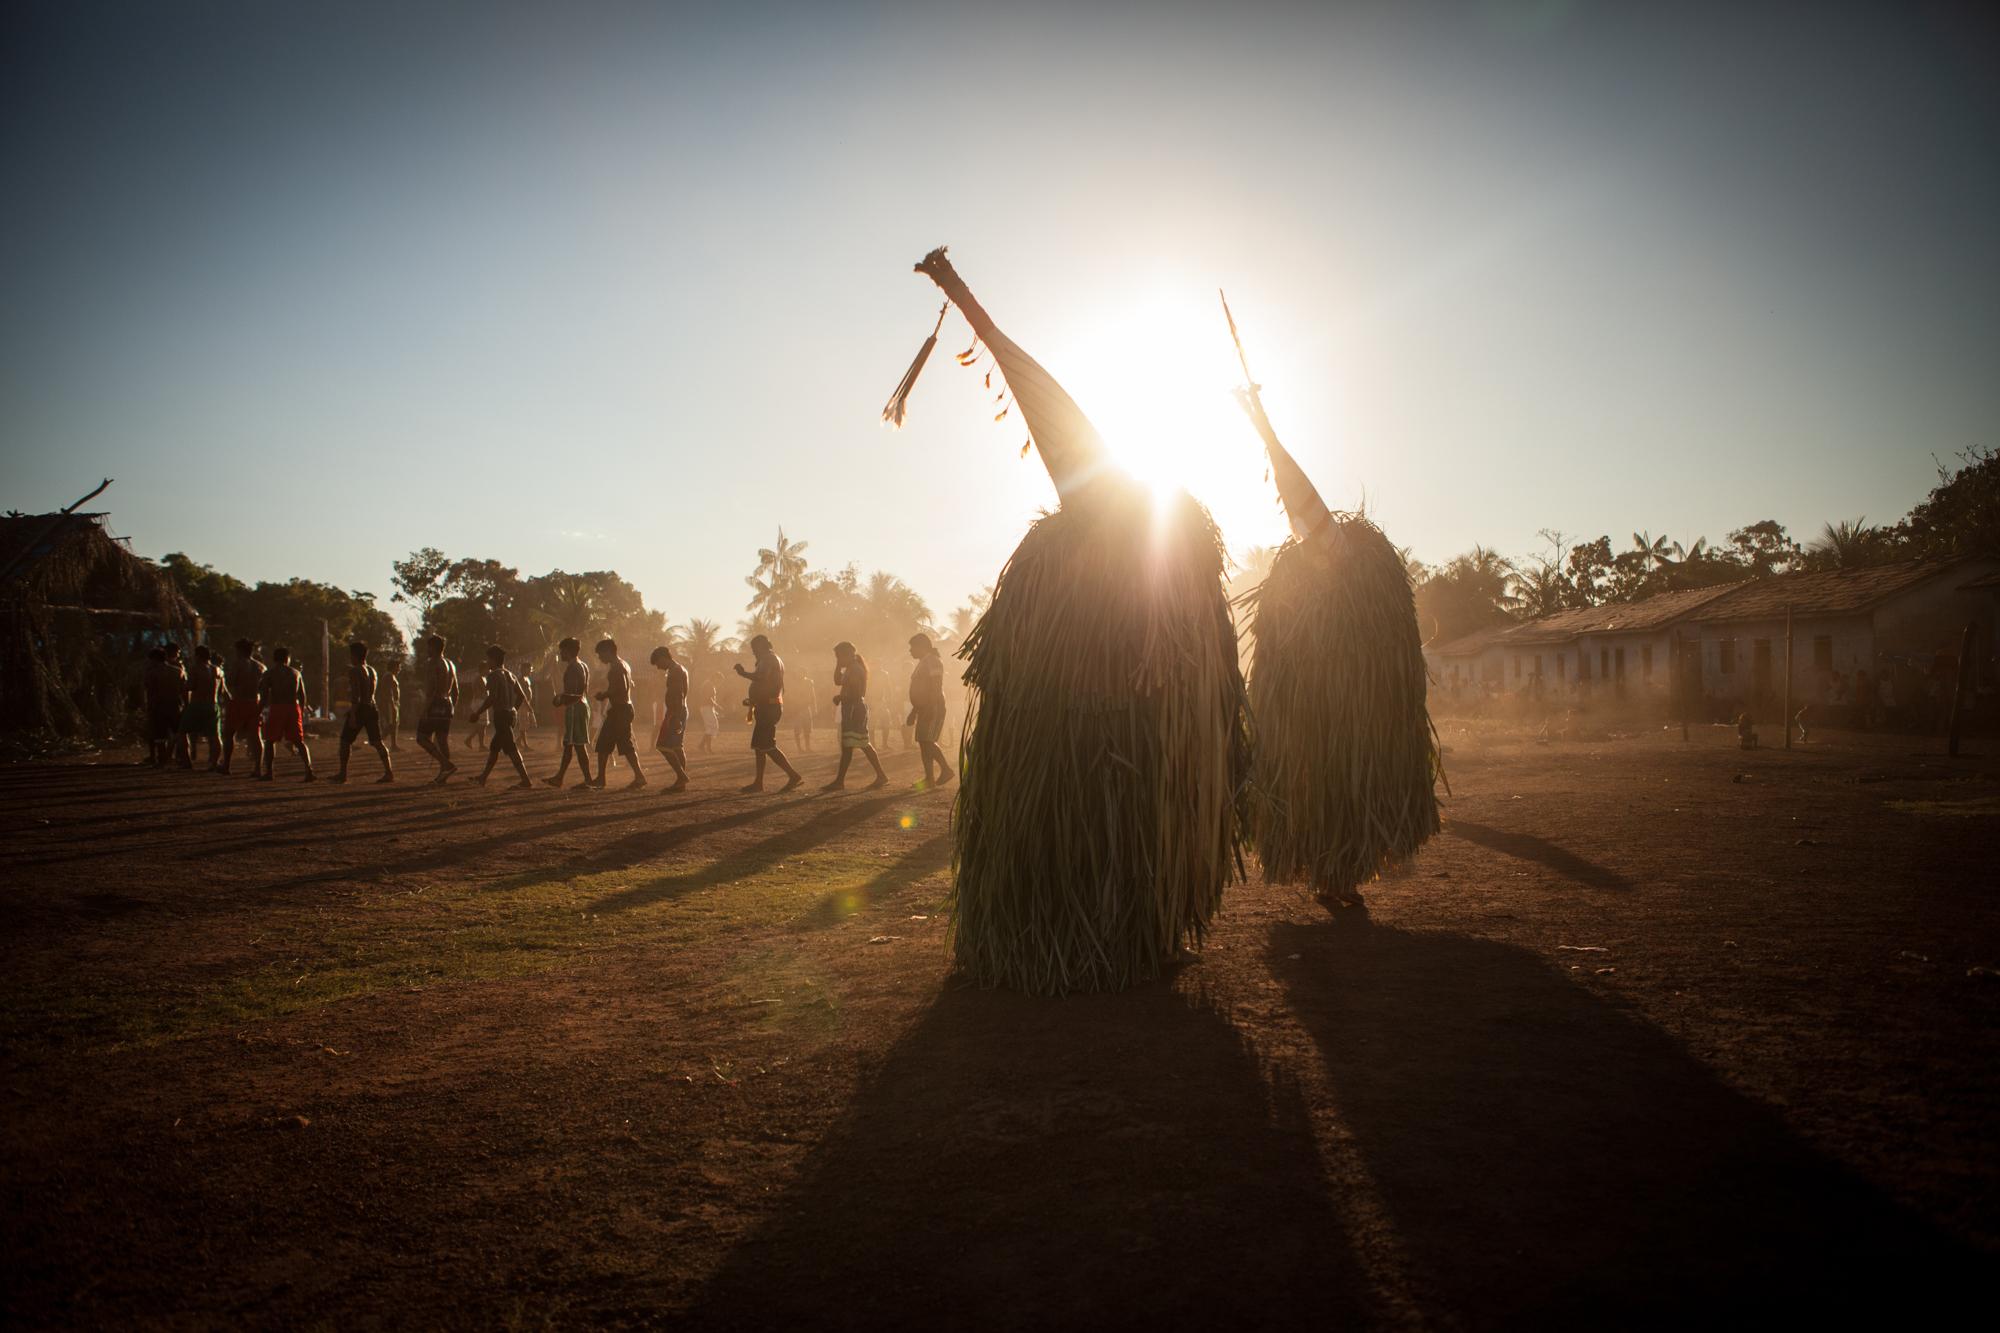 Brasil país indígena